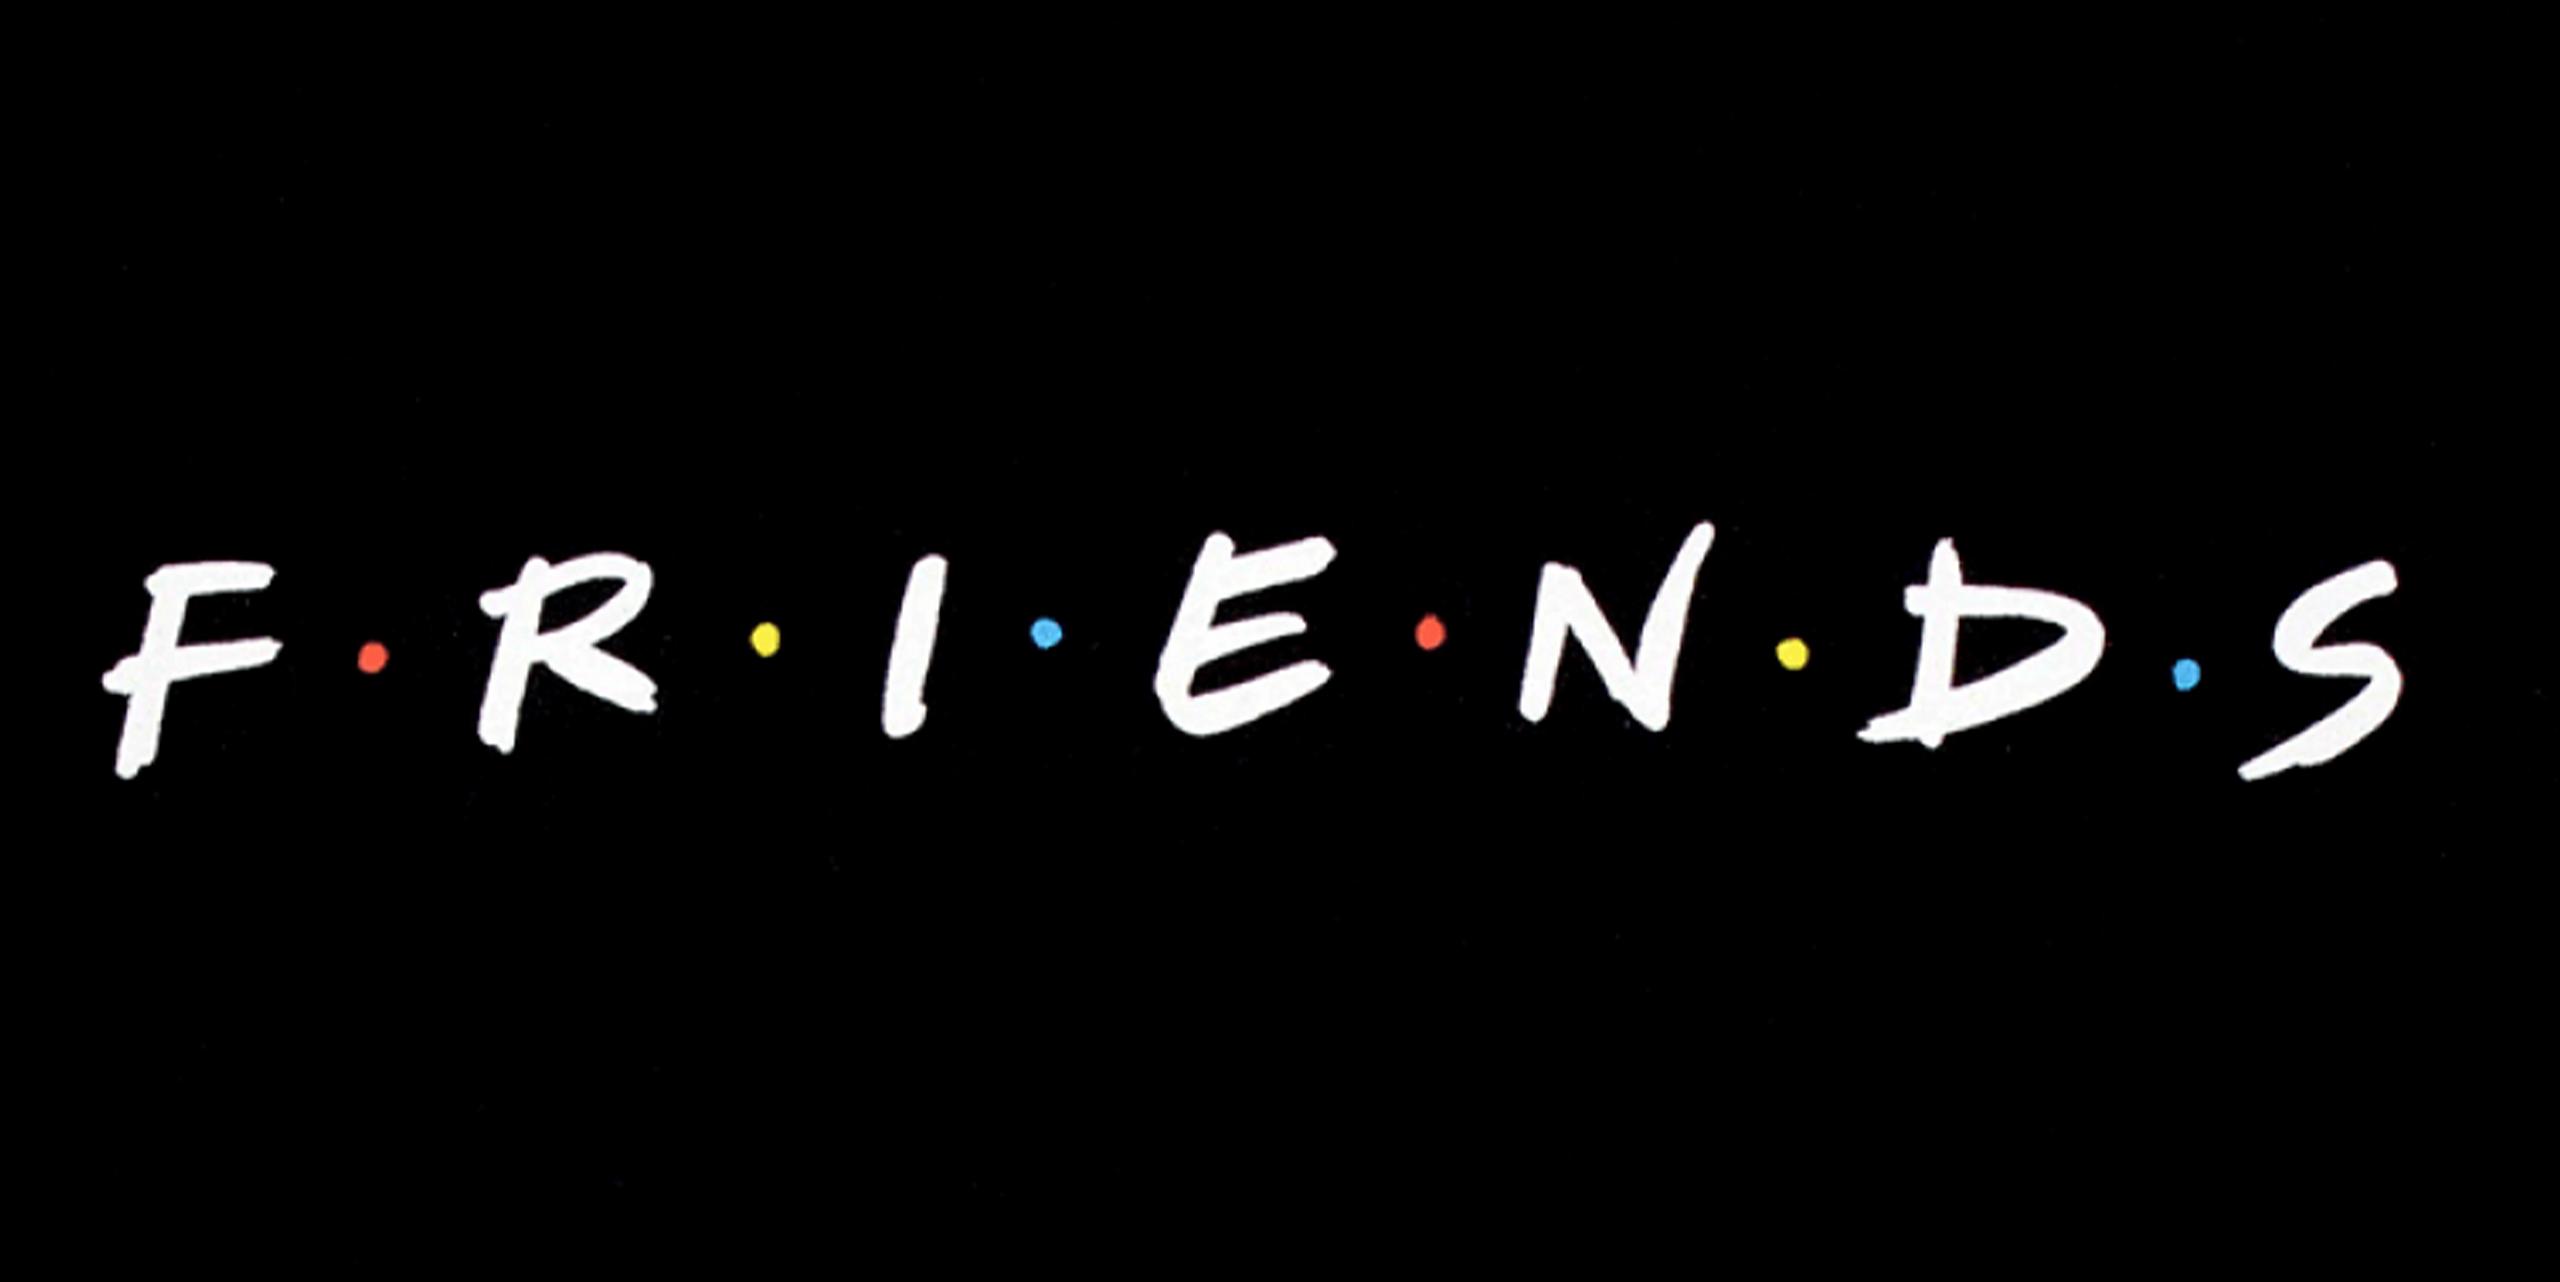 فريندز | Friends